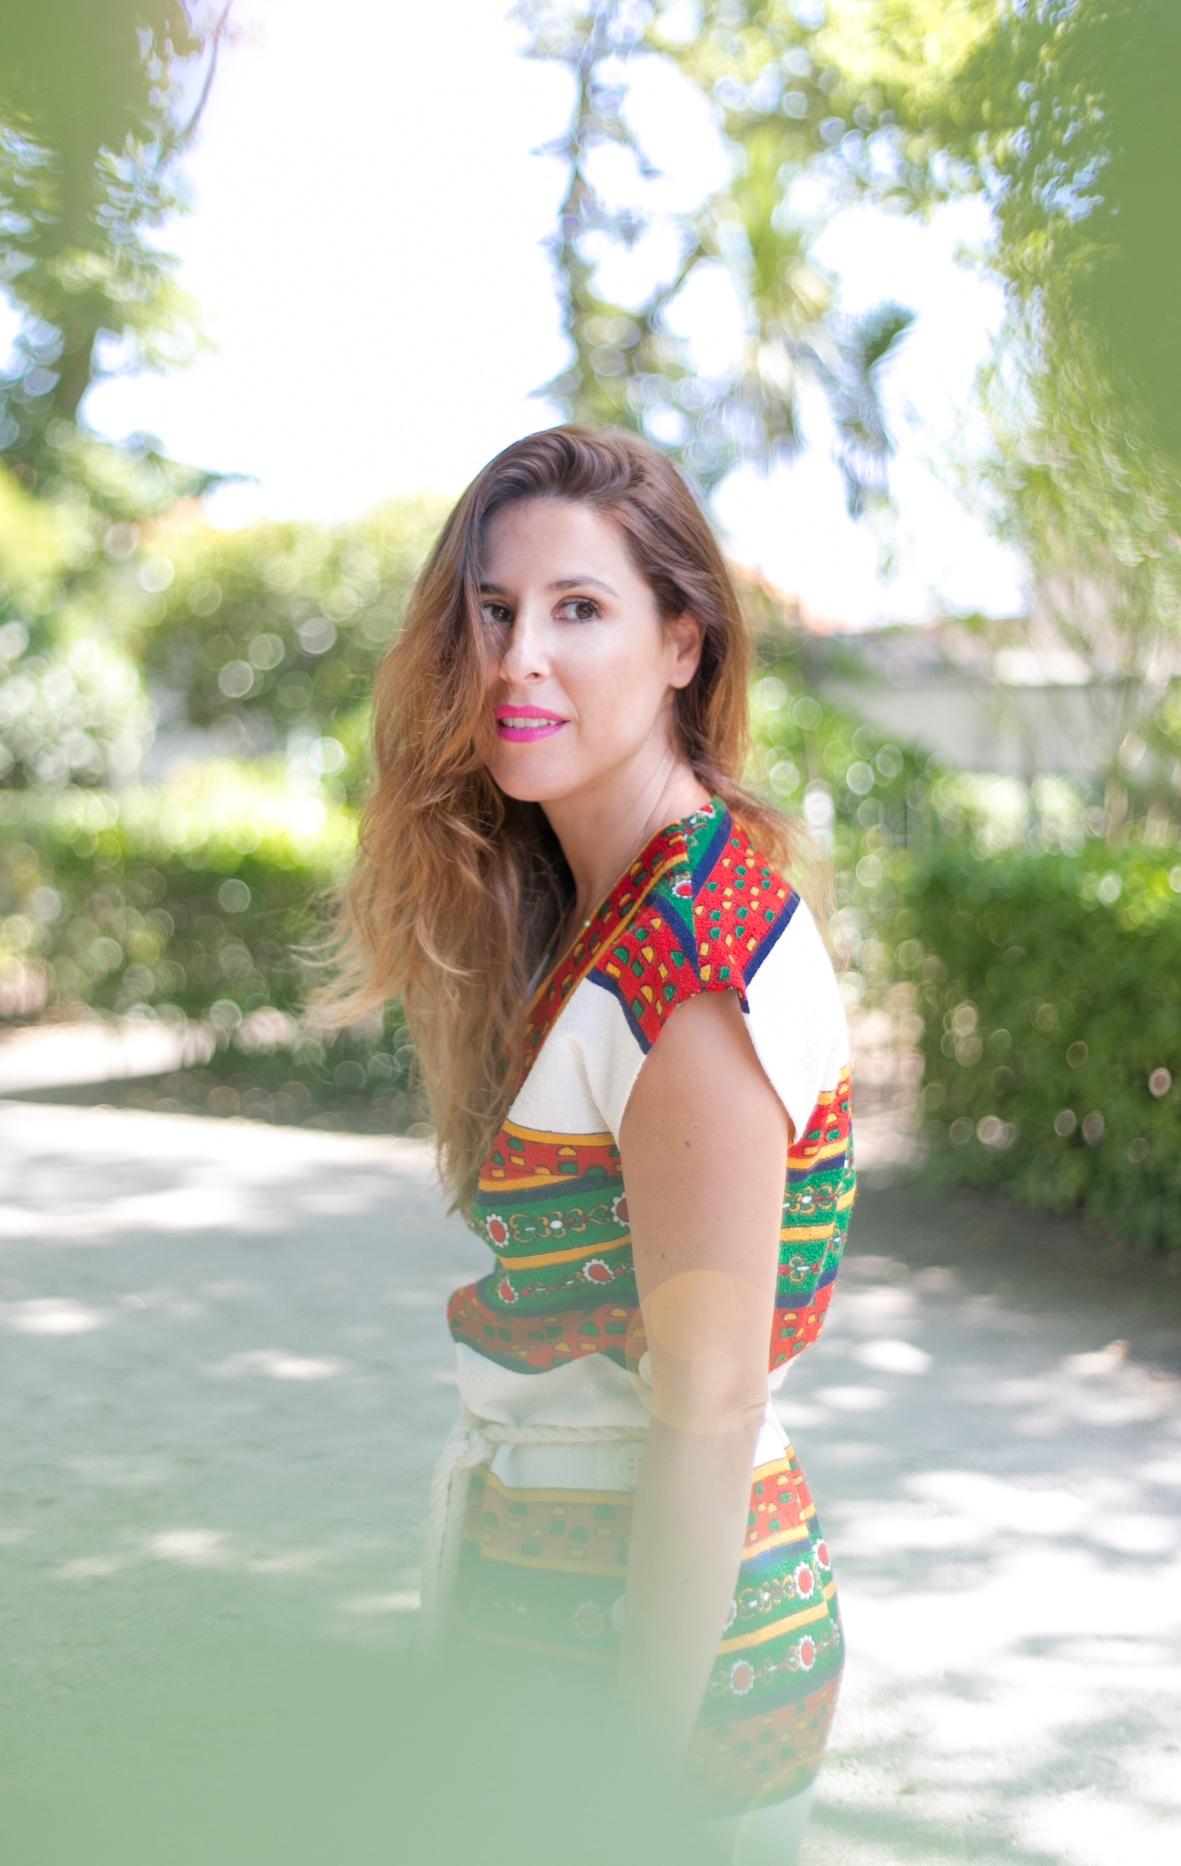 descalzaporelparque-mommyblogger-fashion-vintage-coruña